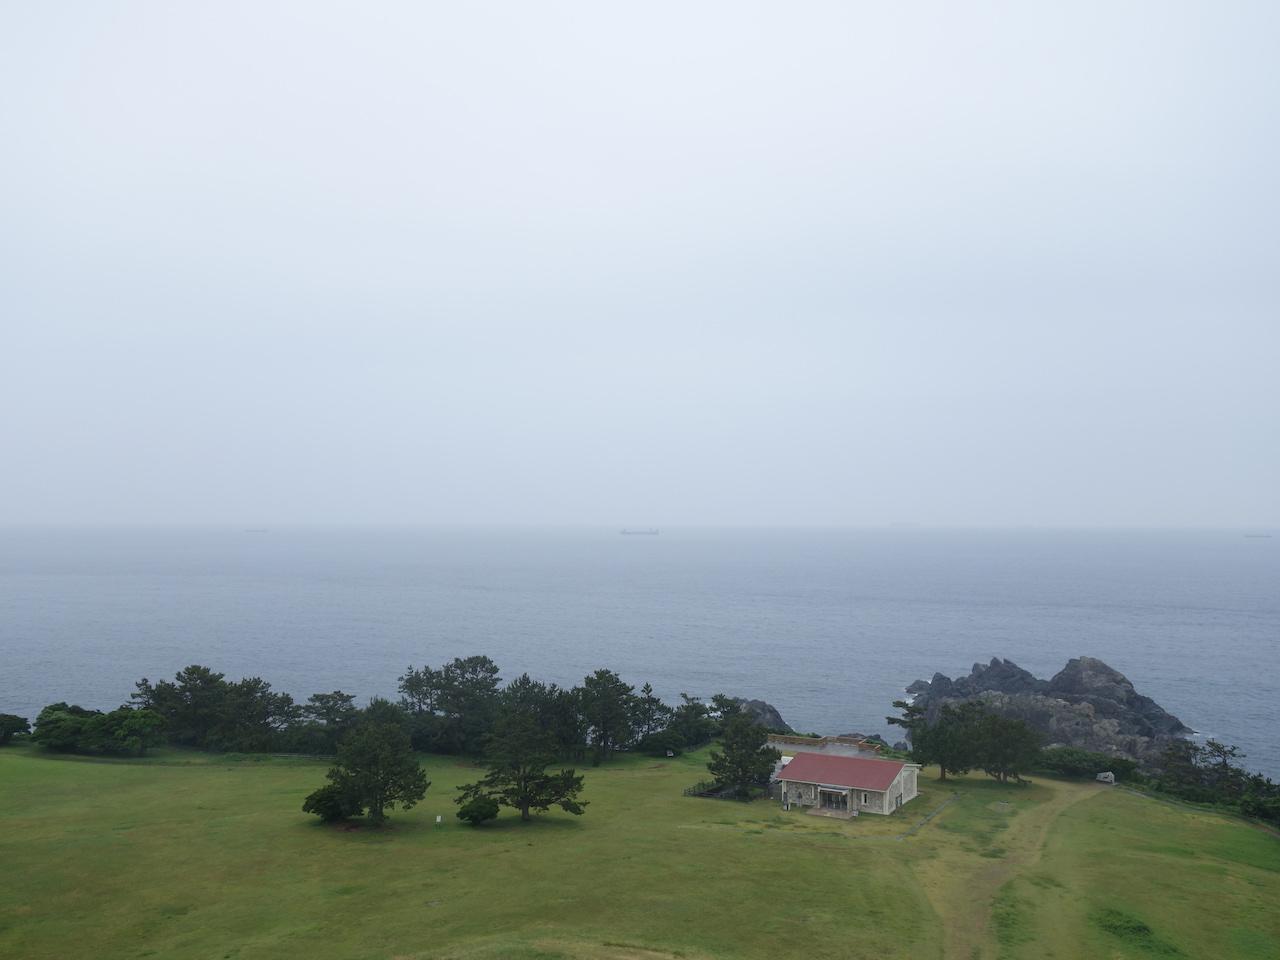 本州最南端の潮岬に行ったら潮岬観光タワーに登ろう!タワーバーガーも忘れずに!